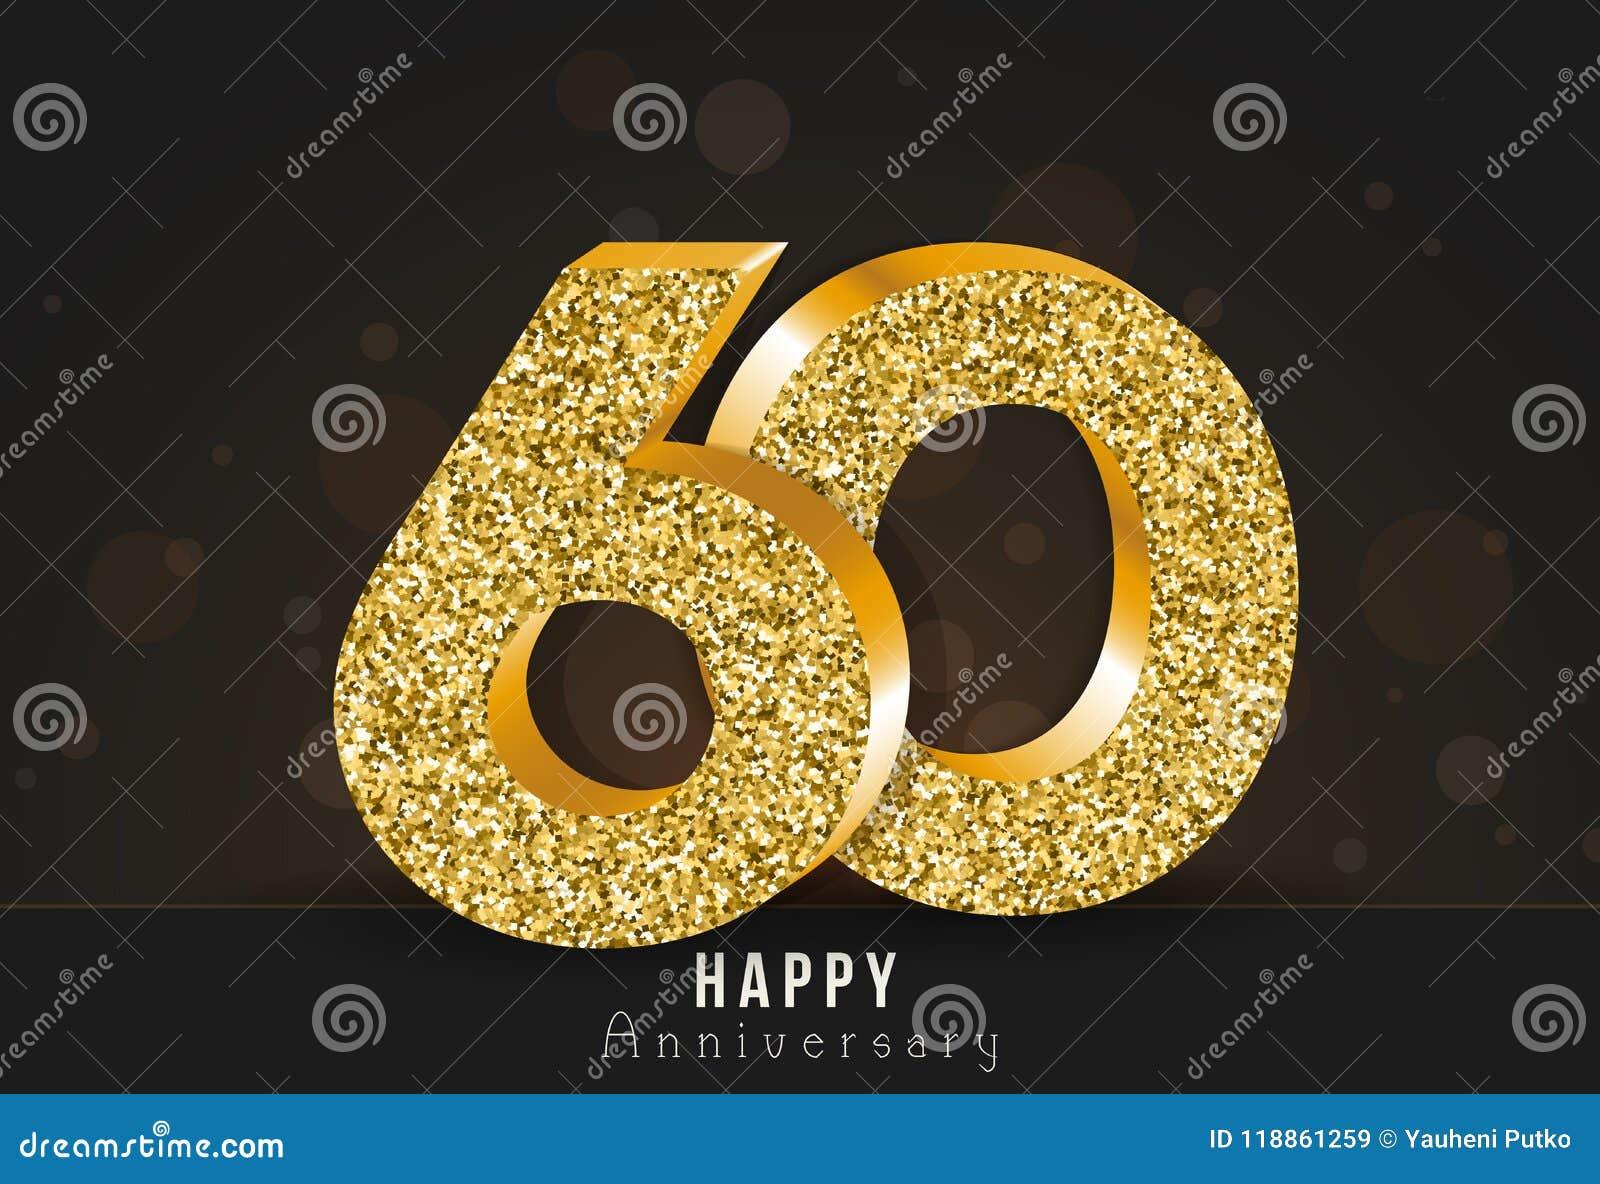 20 - bannière heureuse d anniversaire d année 20ème logo d or d anniversaire sur le fond foncé